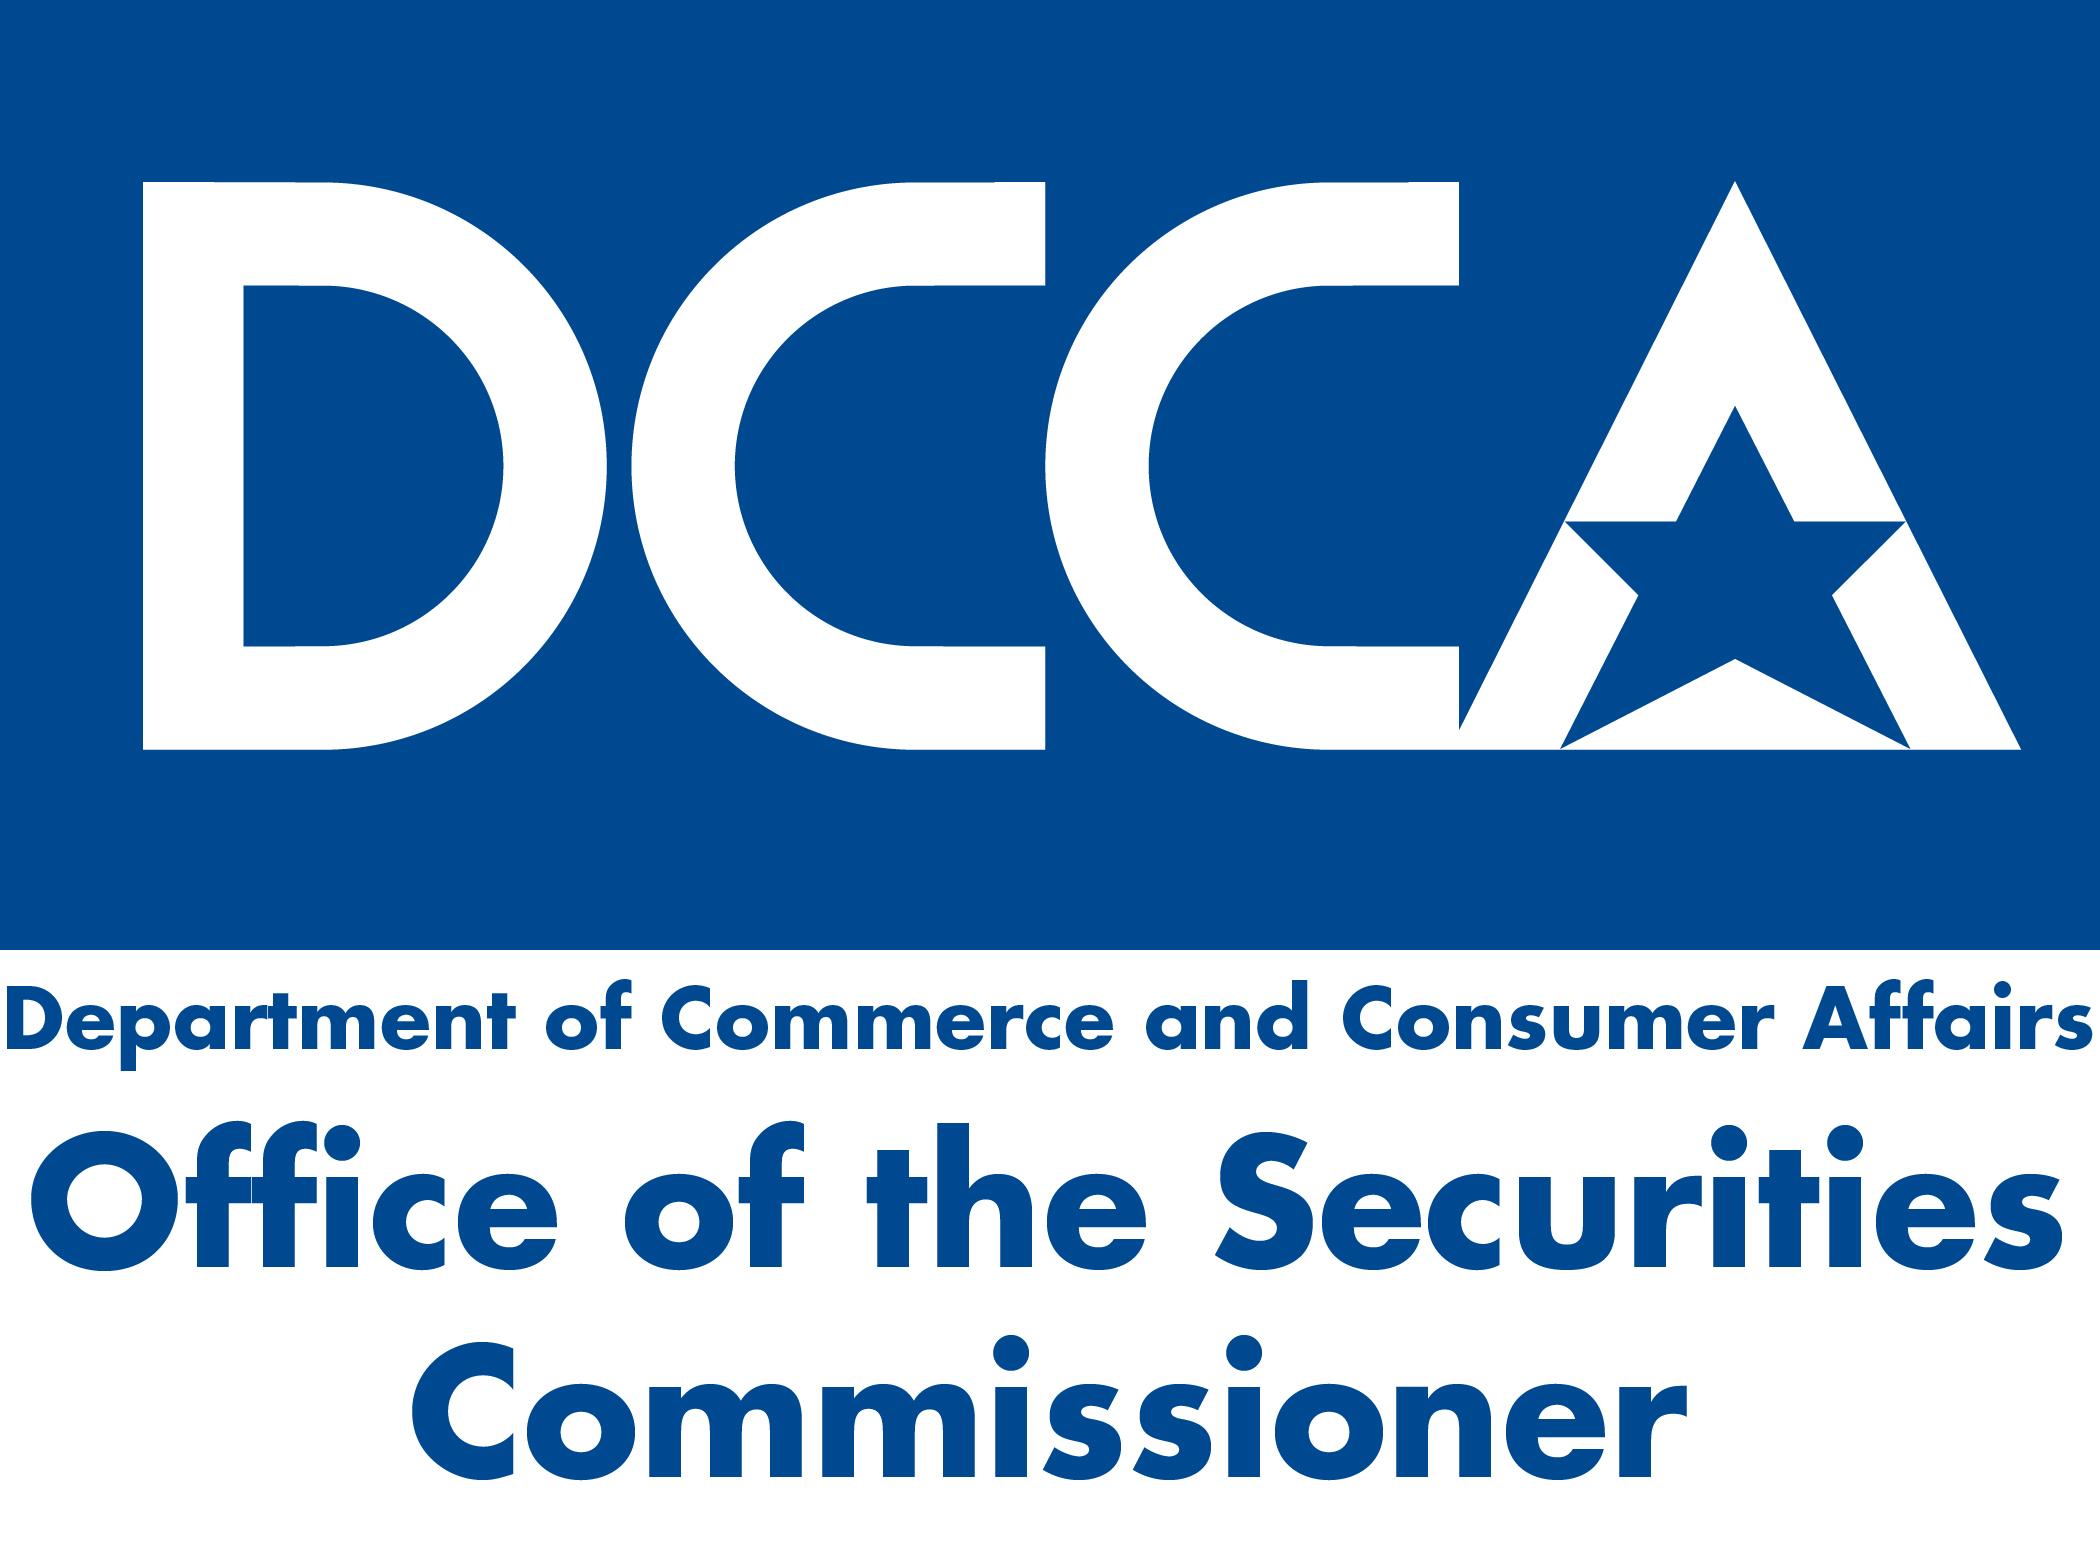 DCCA 2013 SEC 2B